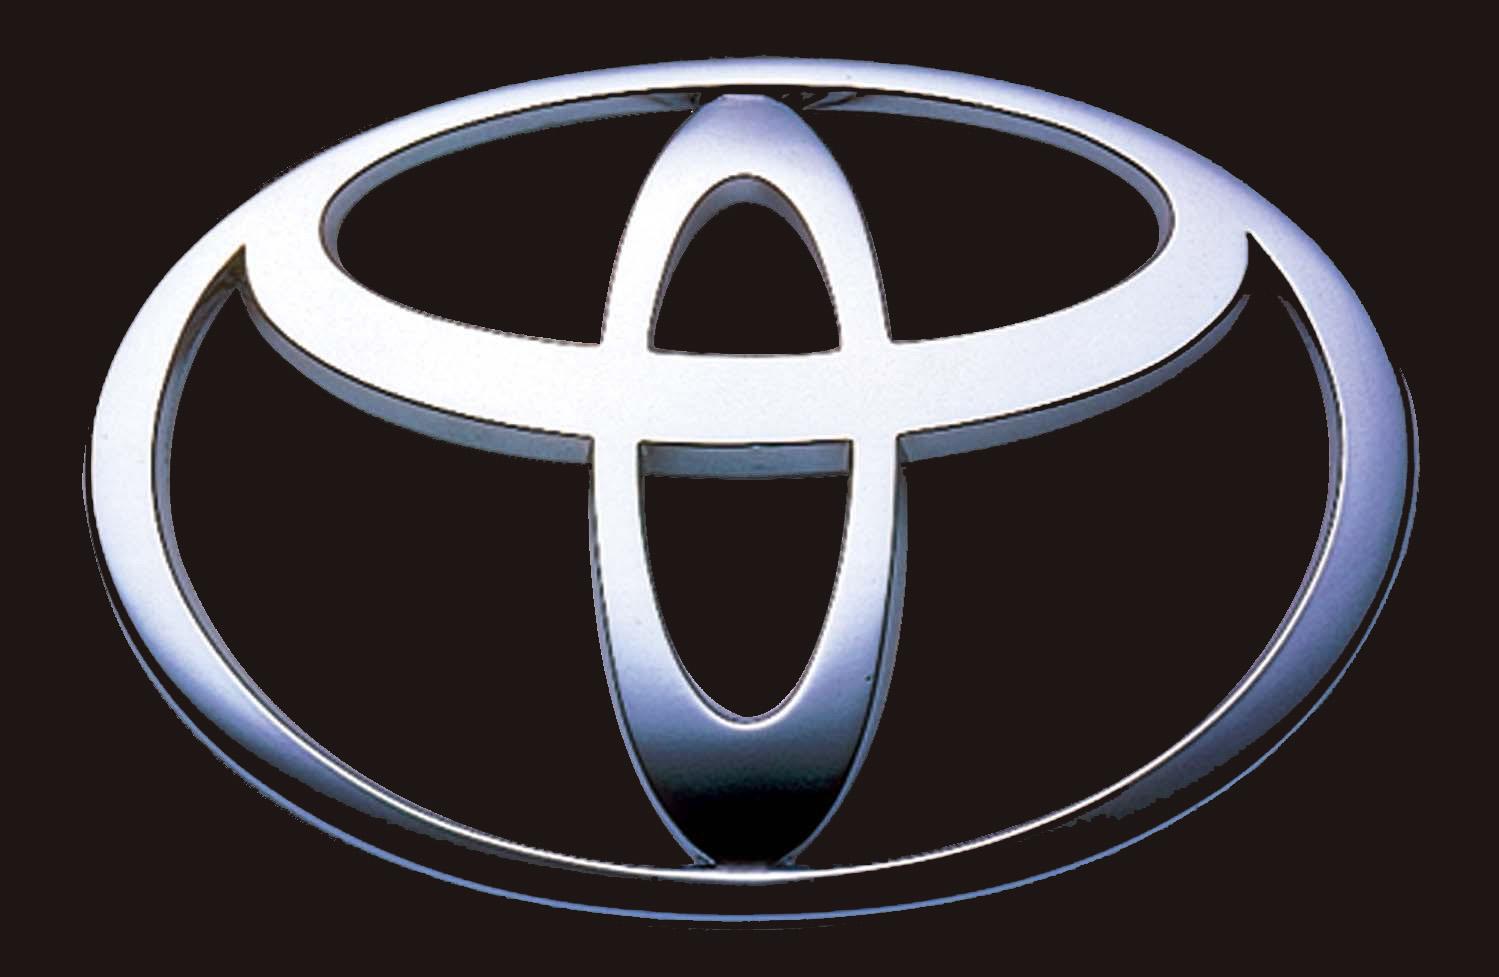 Resultado de imagen para logo de toyota